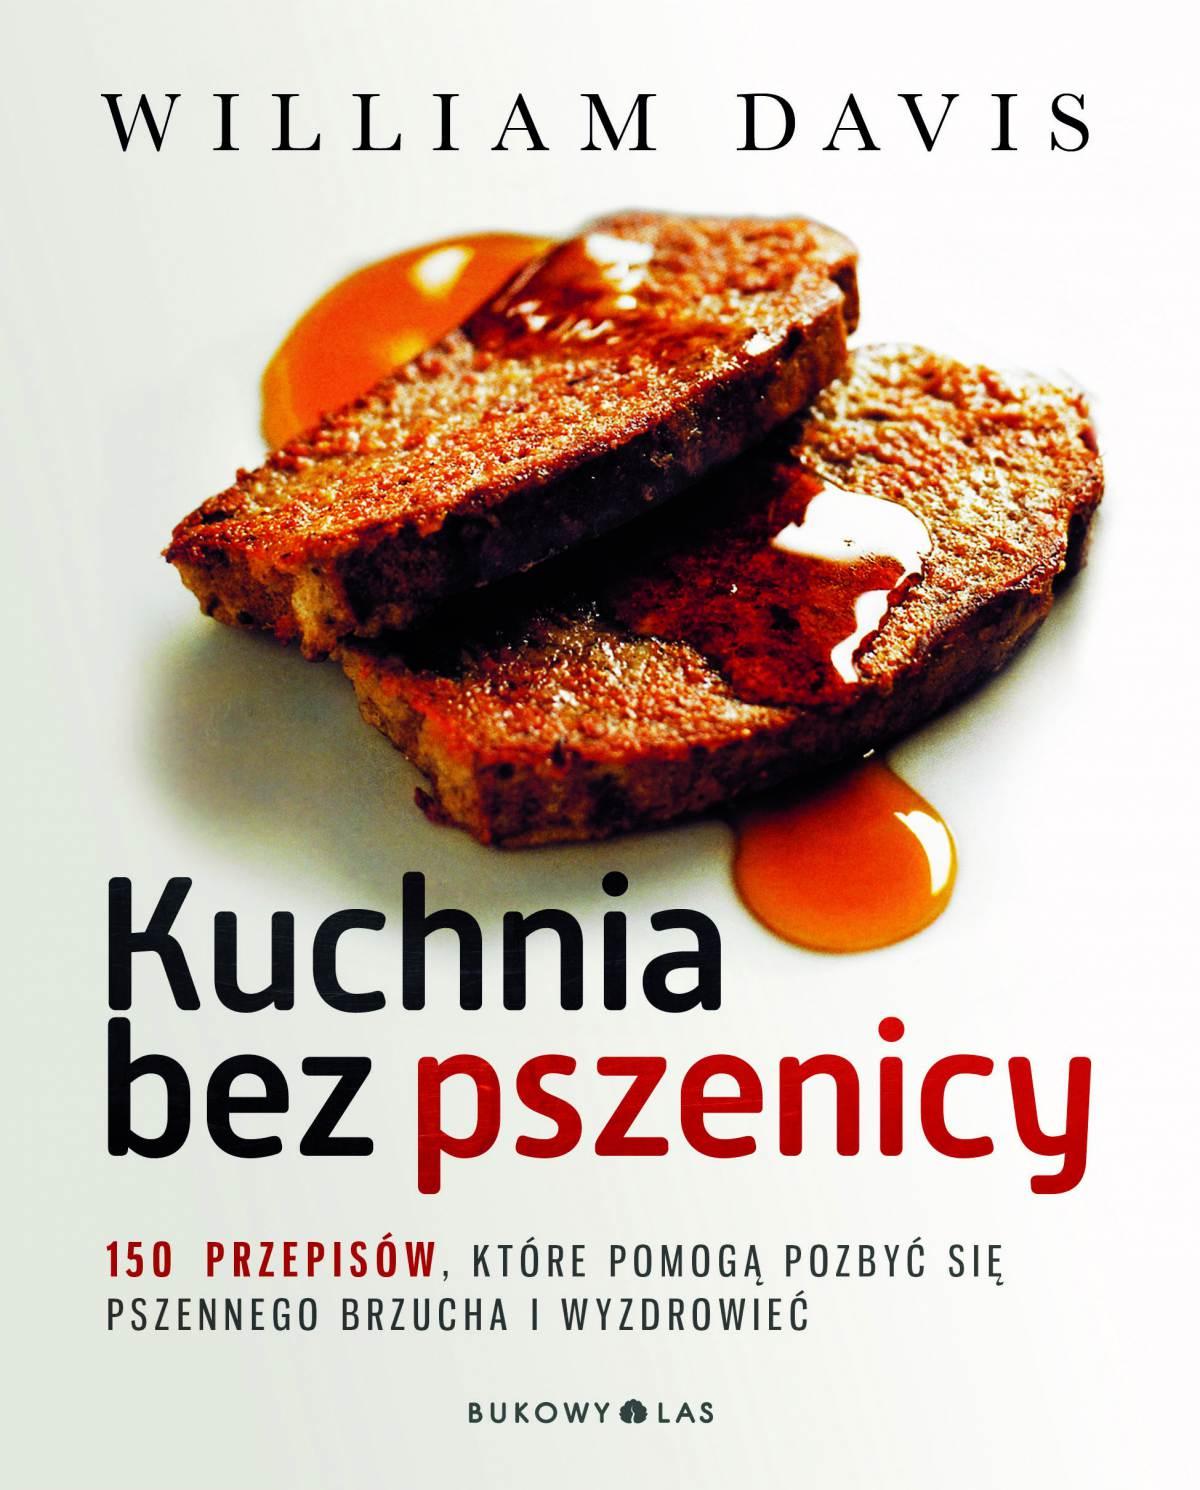 Kuchnia bez pszenicy. 150 przepisów, które pomogą pozbyć się pszennego brzucha i wyzdrowieć - Ebook (Książka na Kindle) do pobrania w formacie MOBI